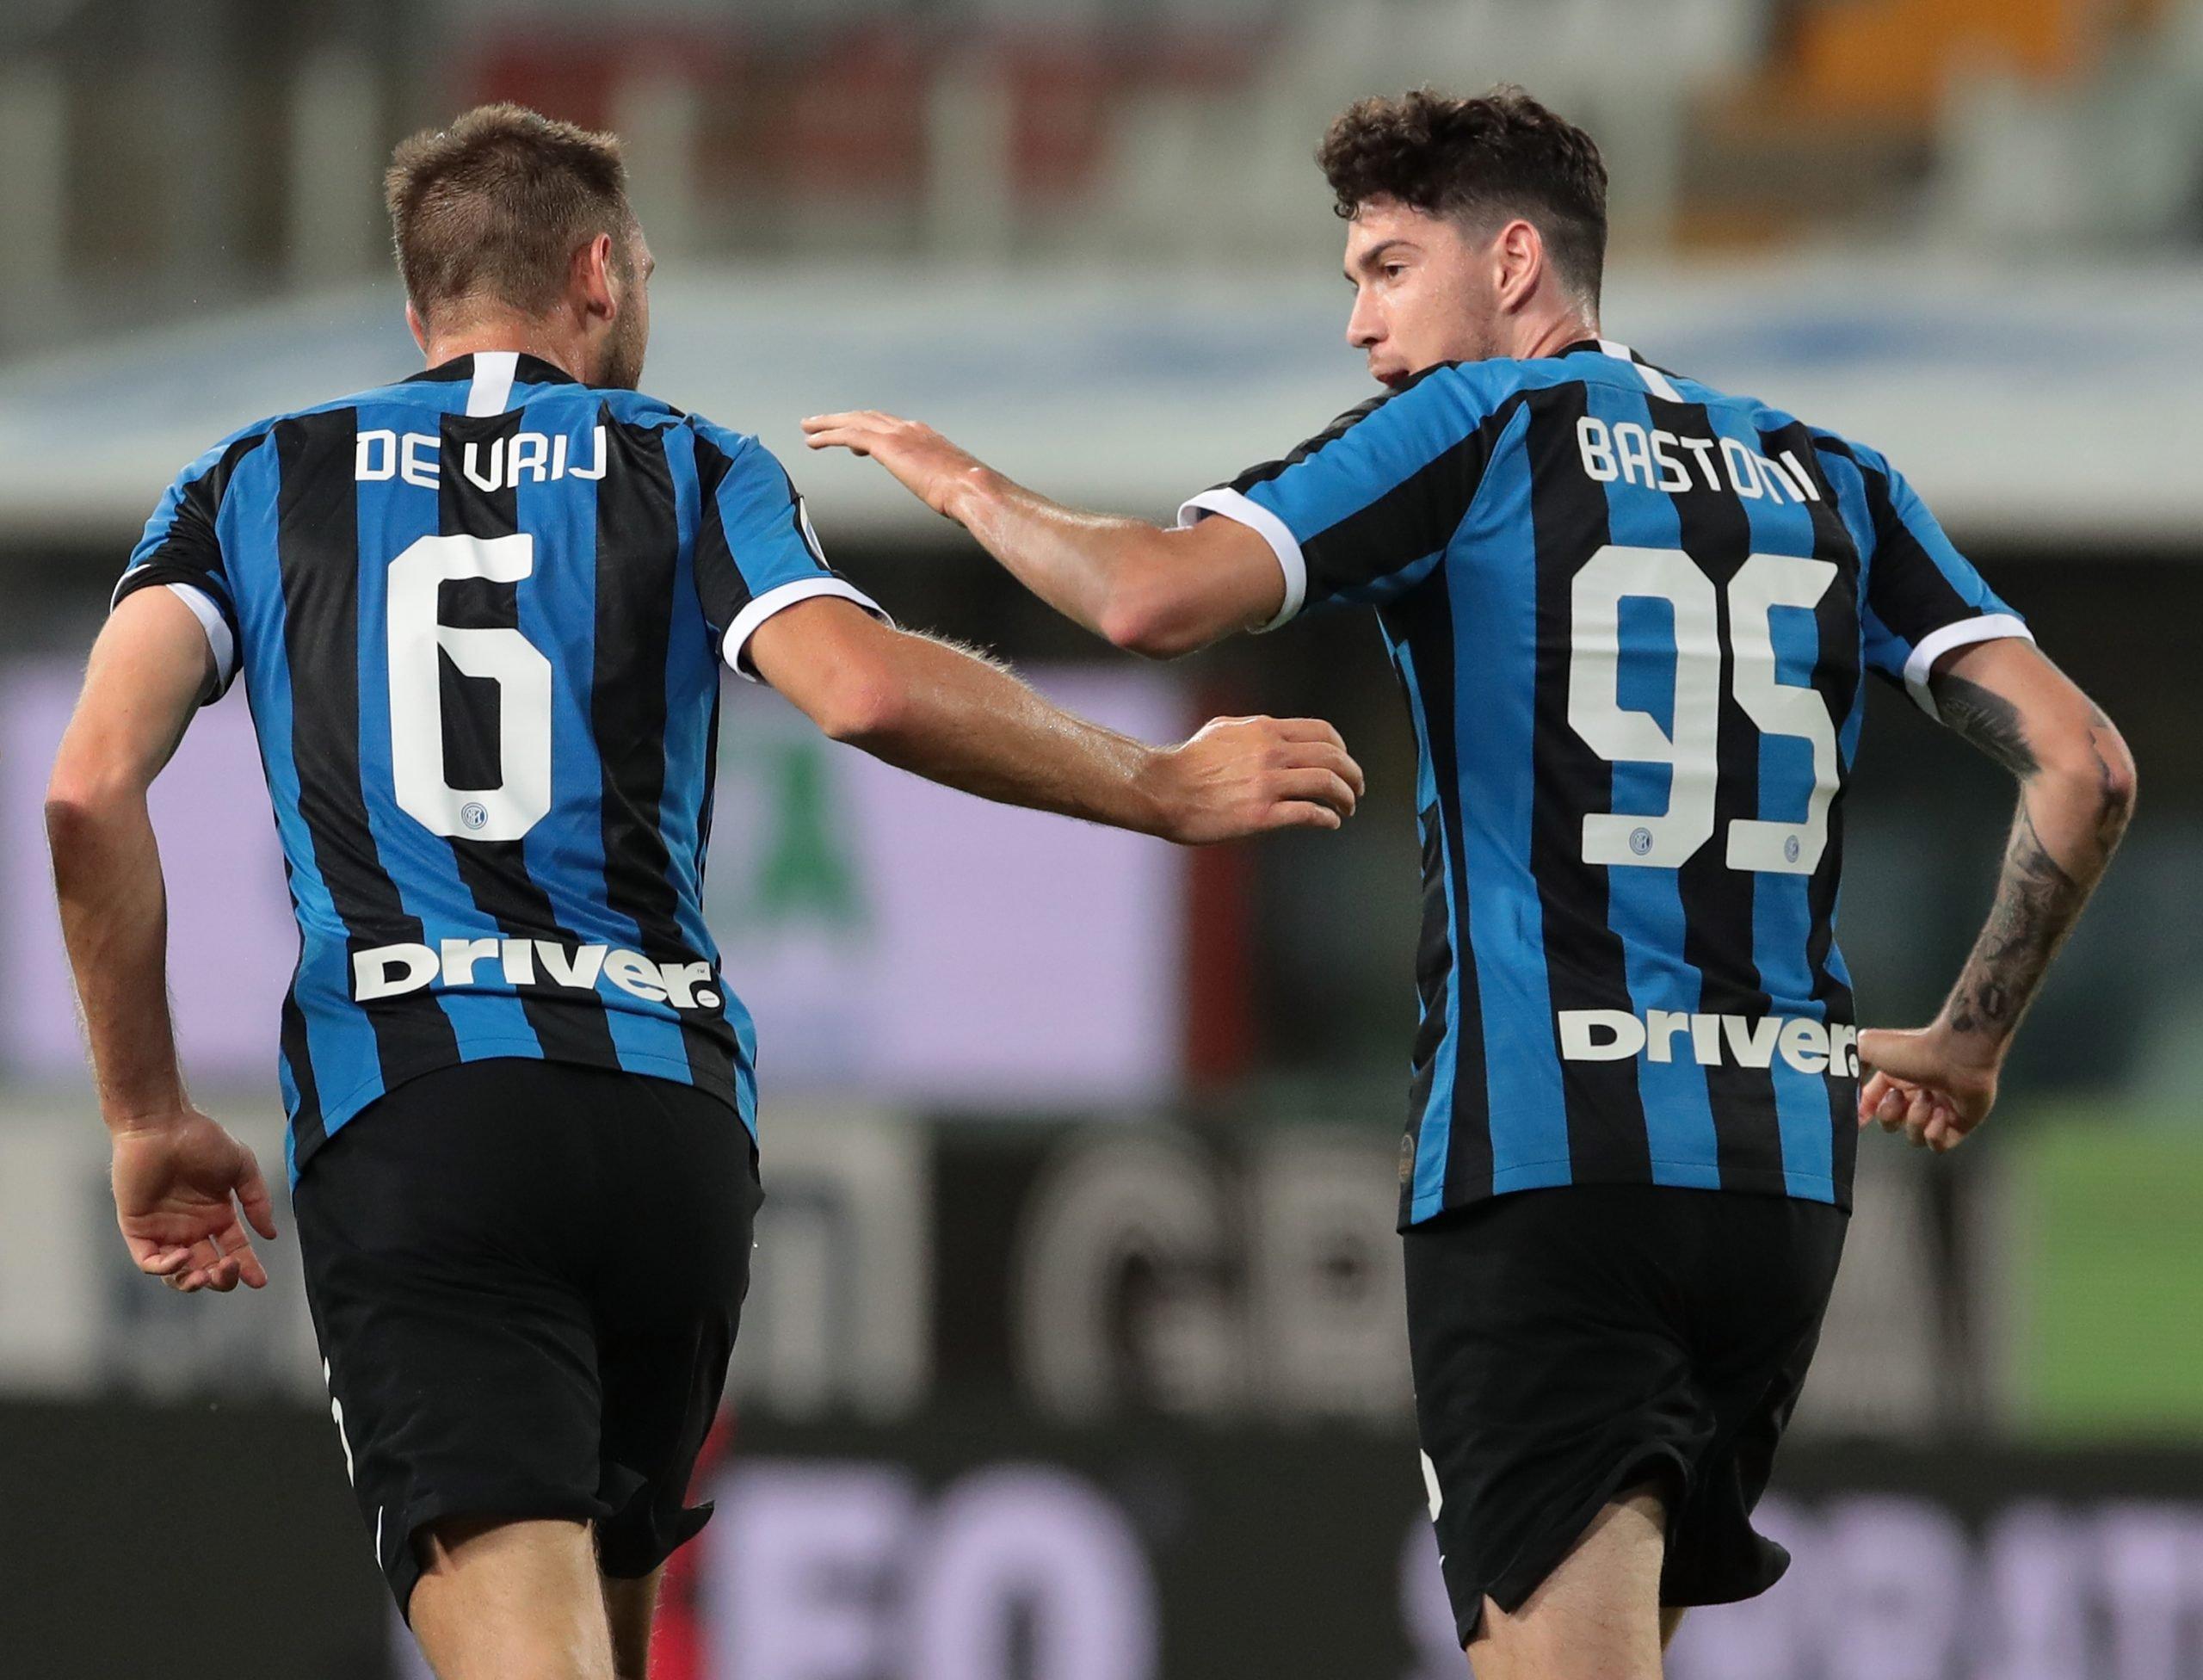 Solo tre partite senza subire goal: Inter a caccia del clean sheet